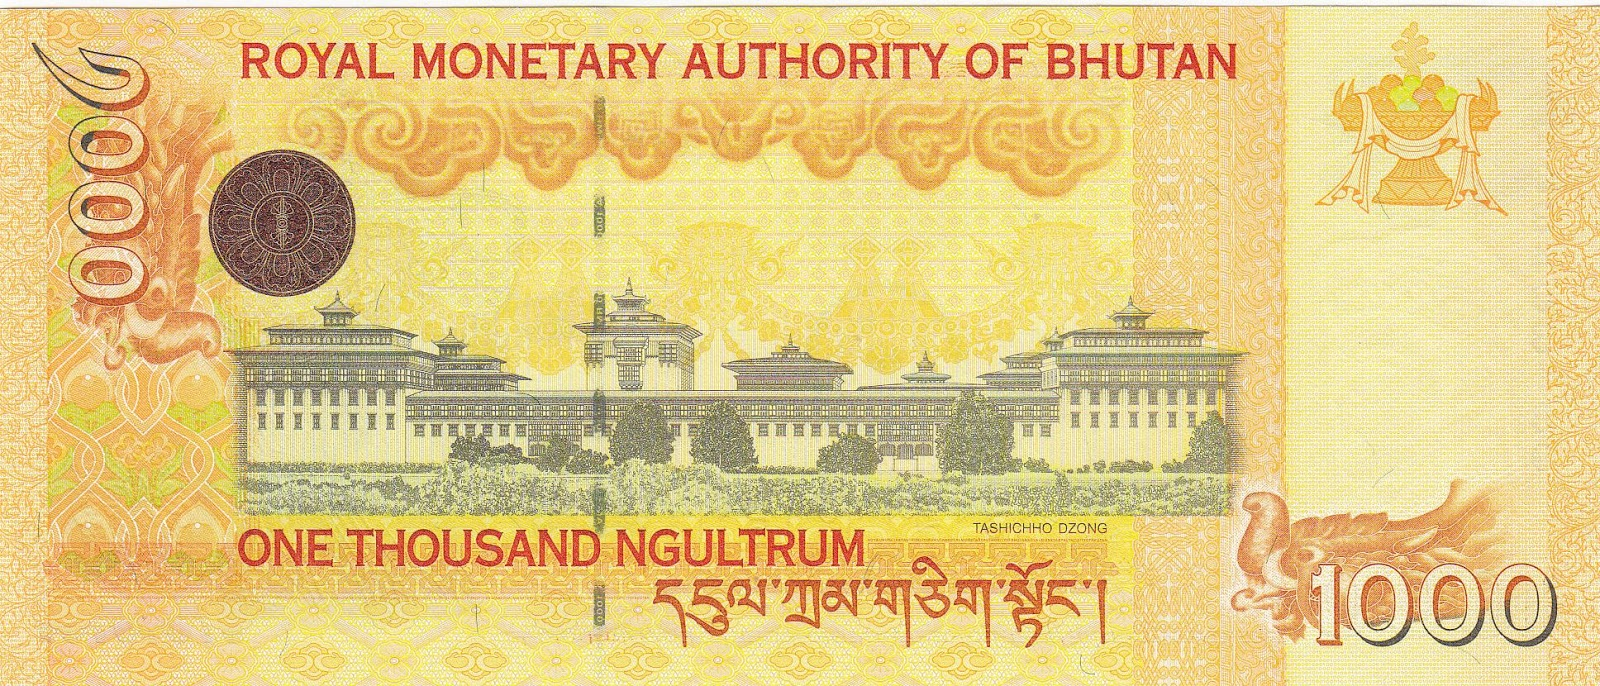 Rainbowstampsandcoins currency today bhutan 04 1000 ngultrum back side buycottarizona